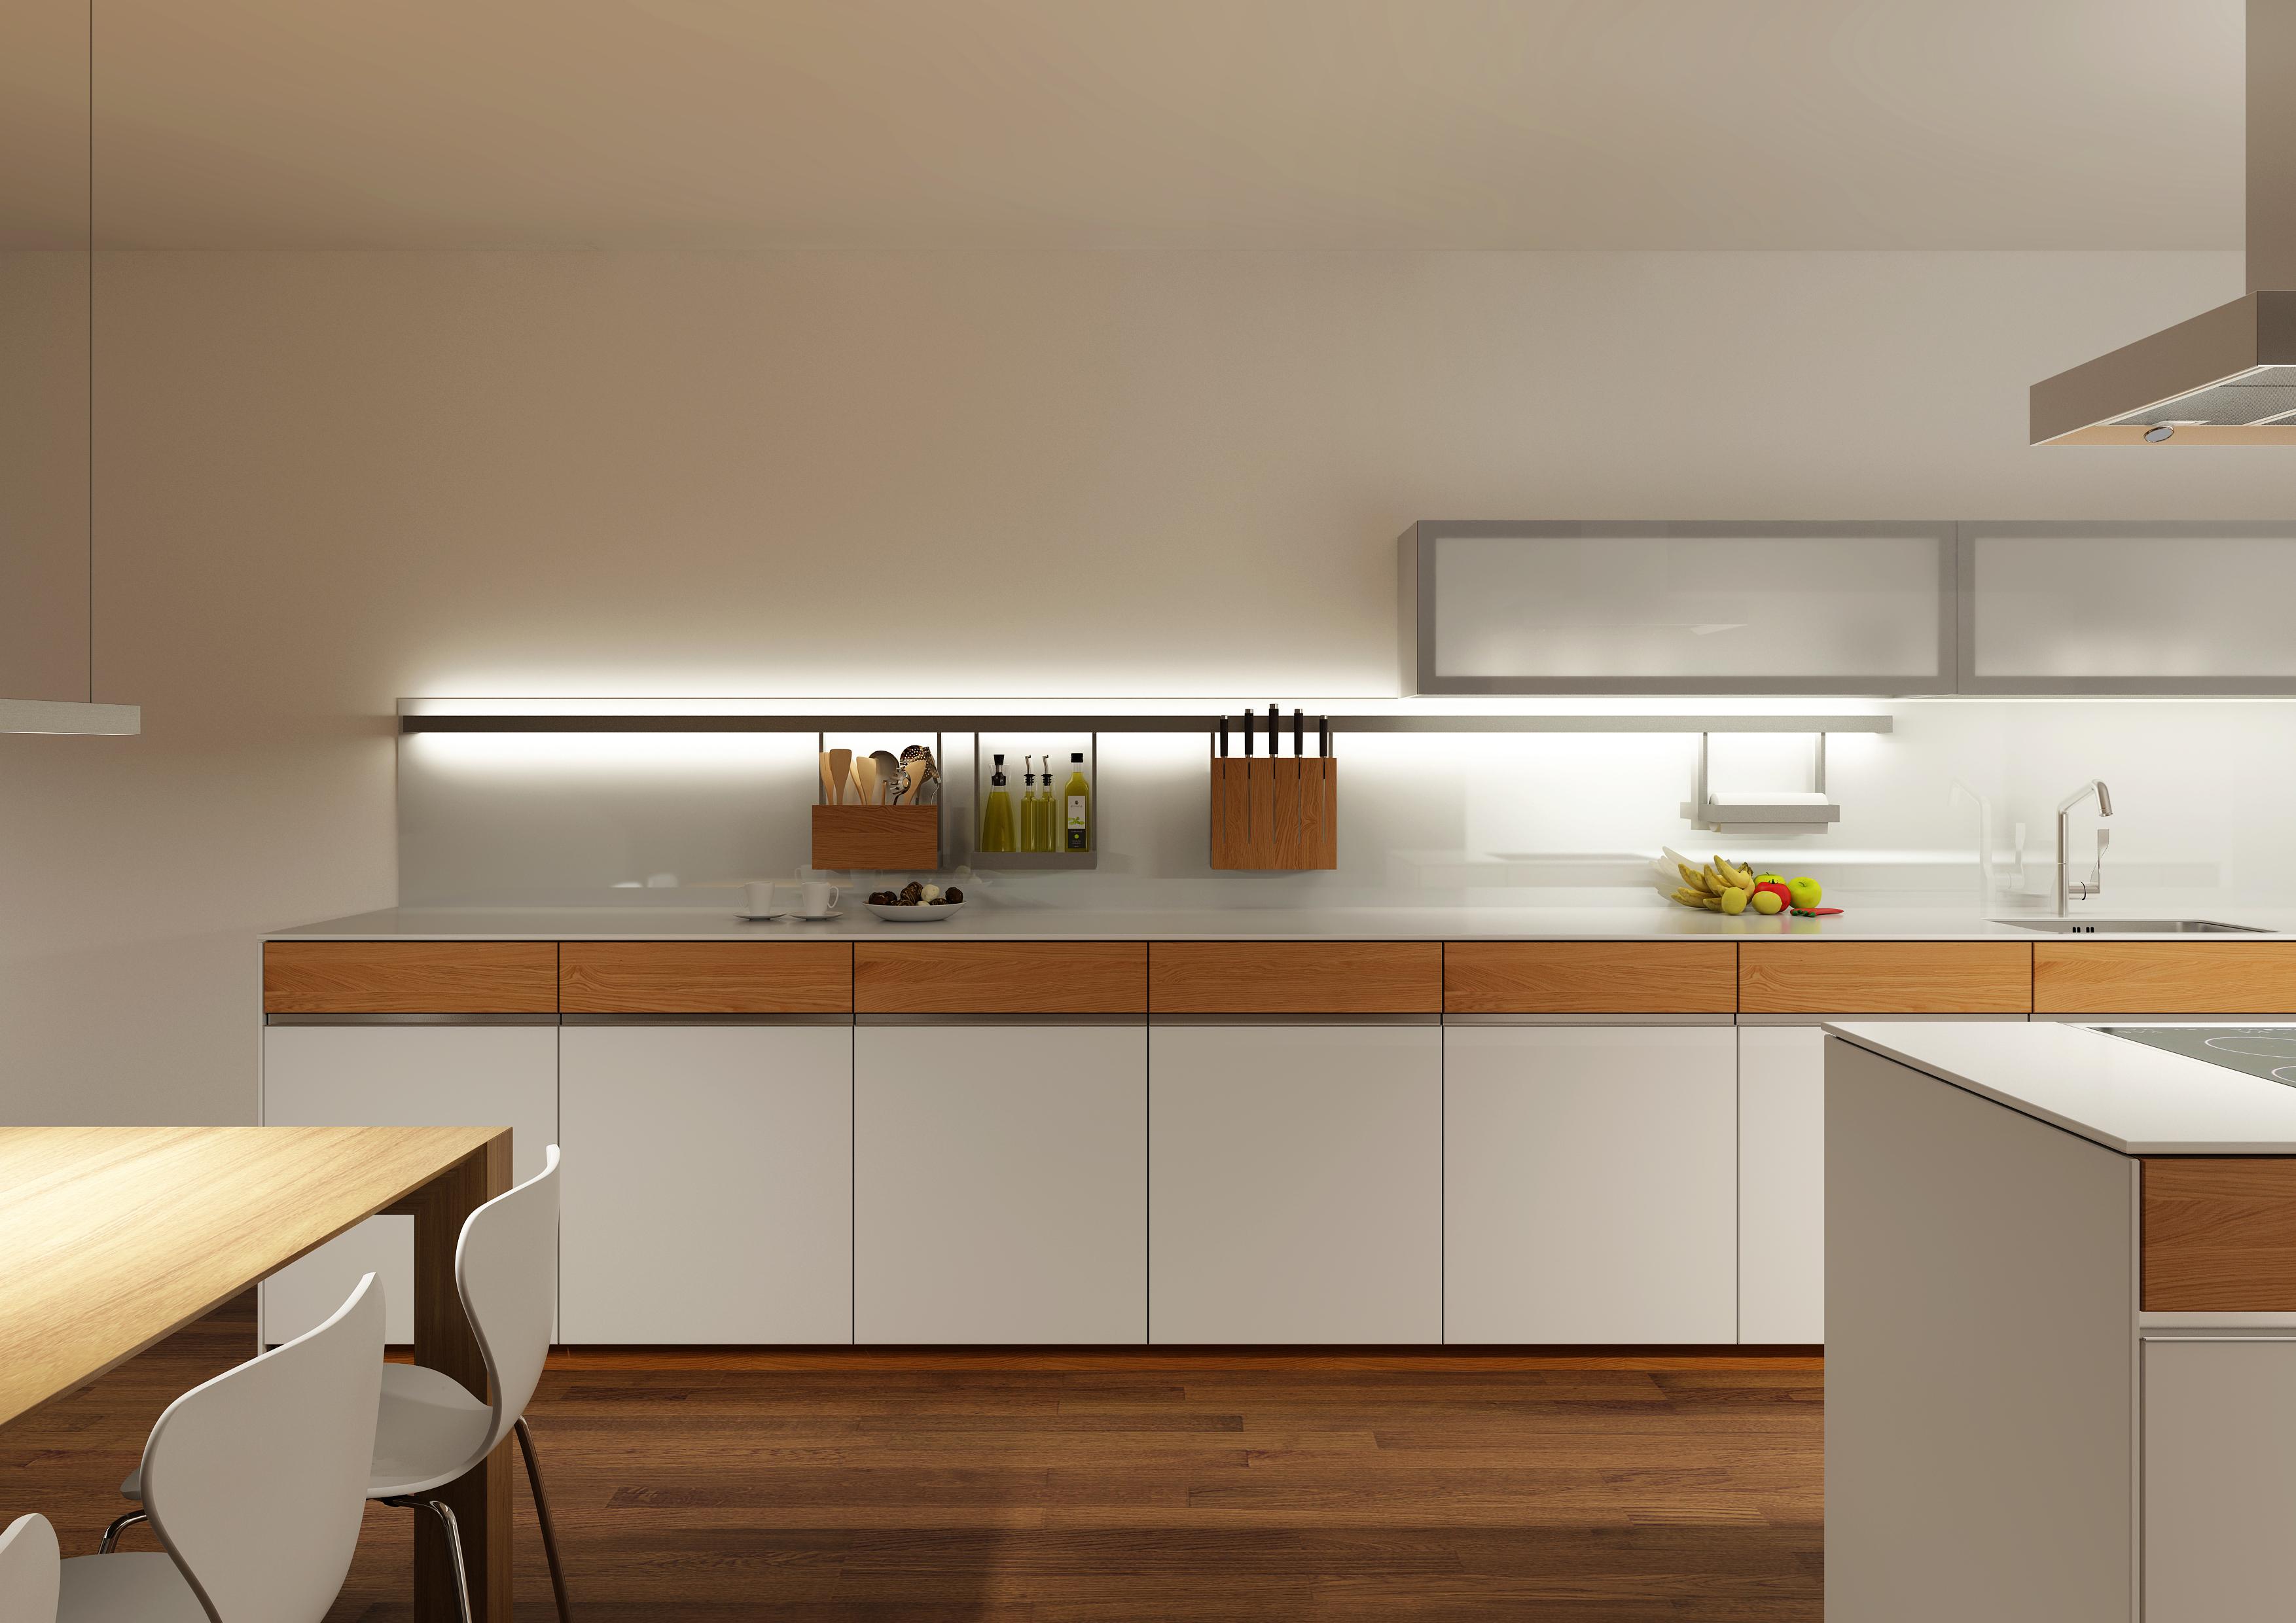 presse gera leuchten und lichtsysteme. Black Bedroom Furniture Sets. Home Design Ideas